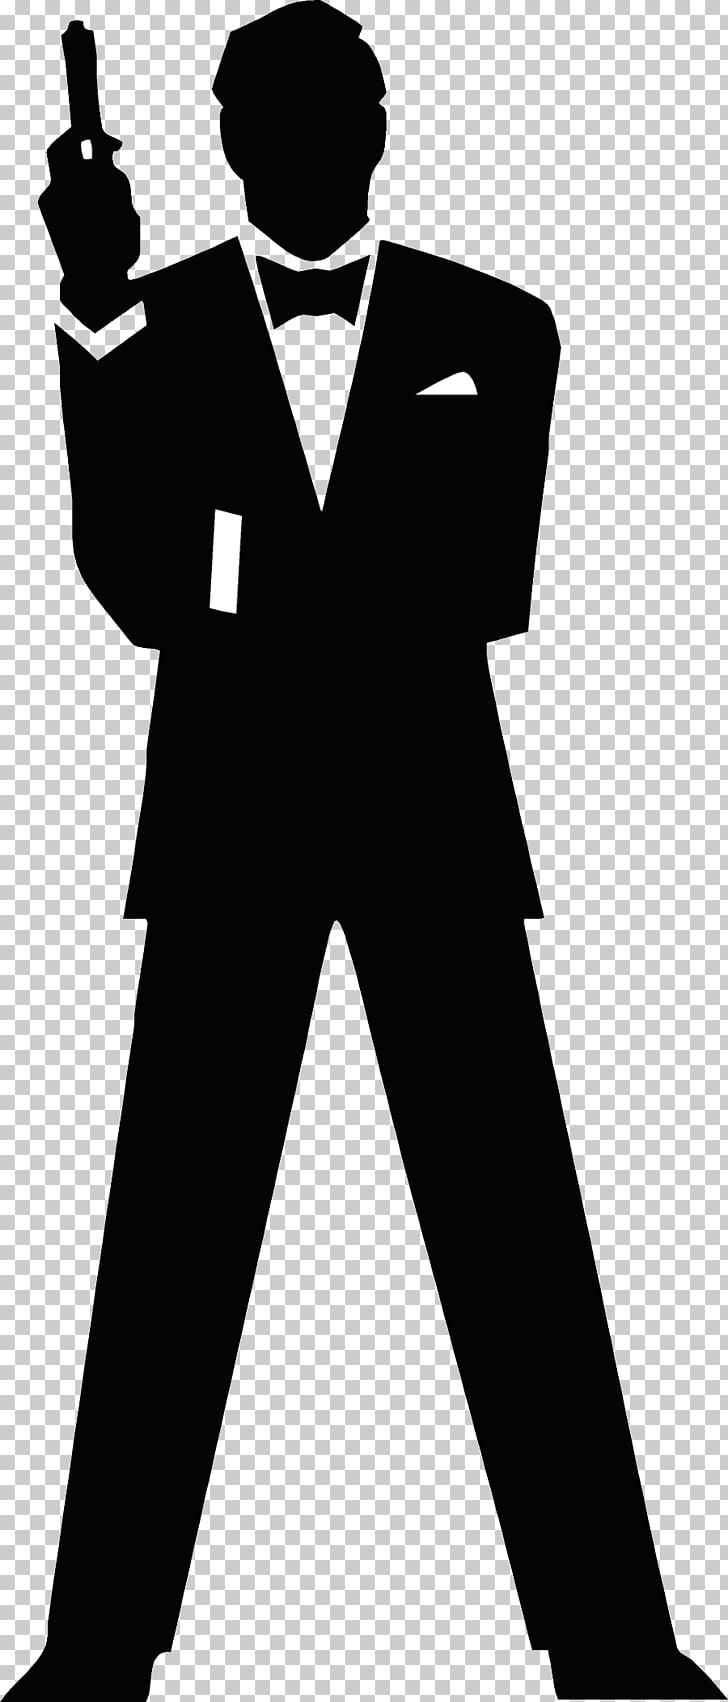 James Bond Film Series Silhouette , james bond PNG clipart.